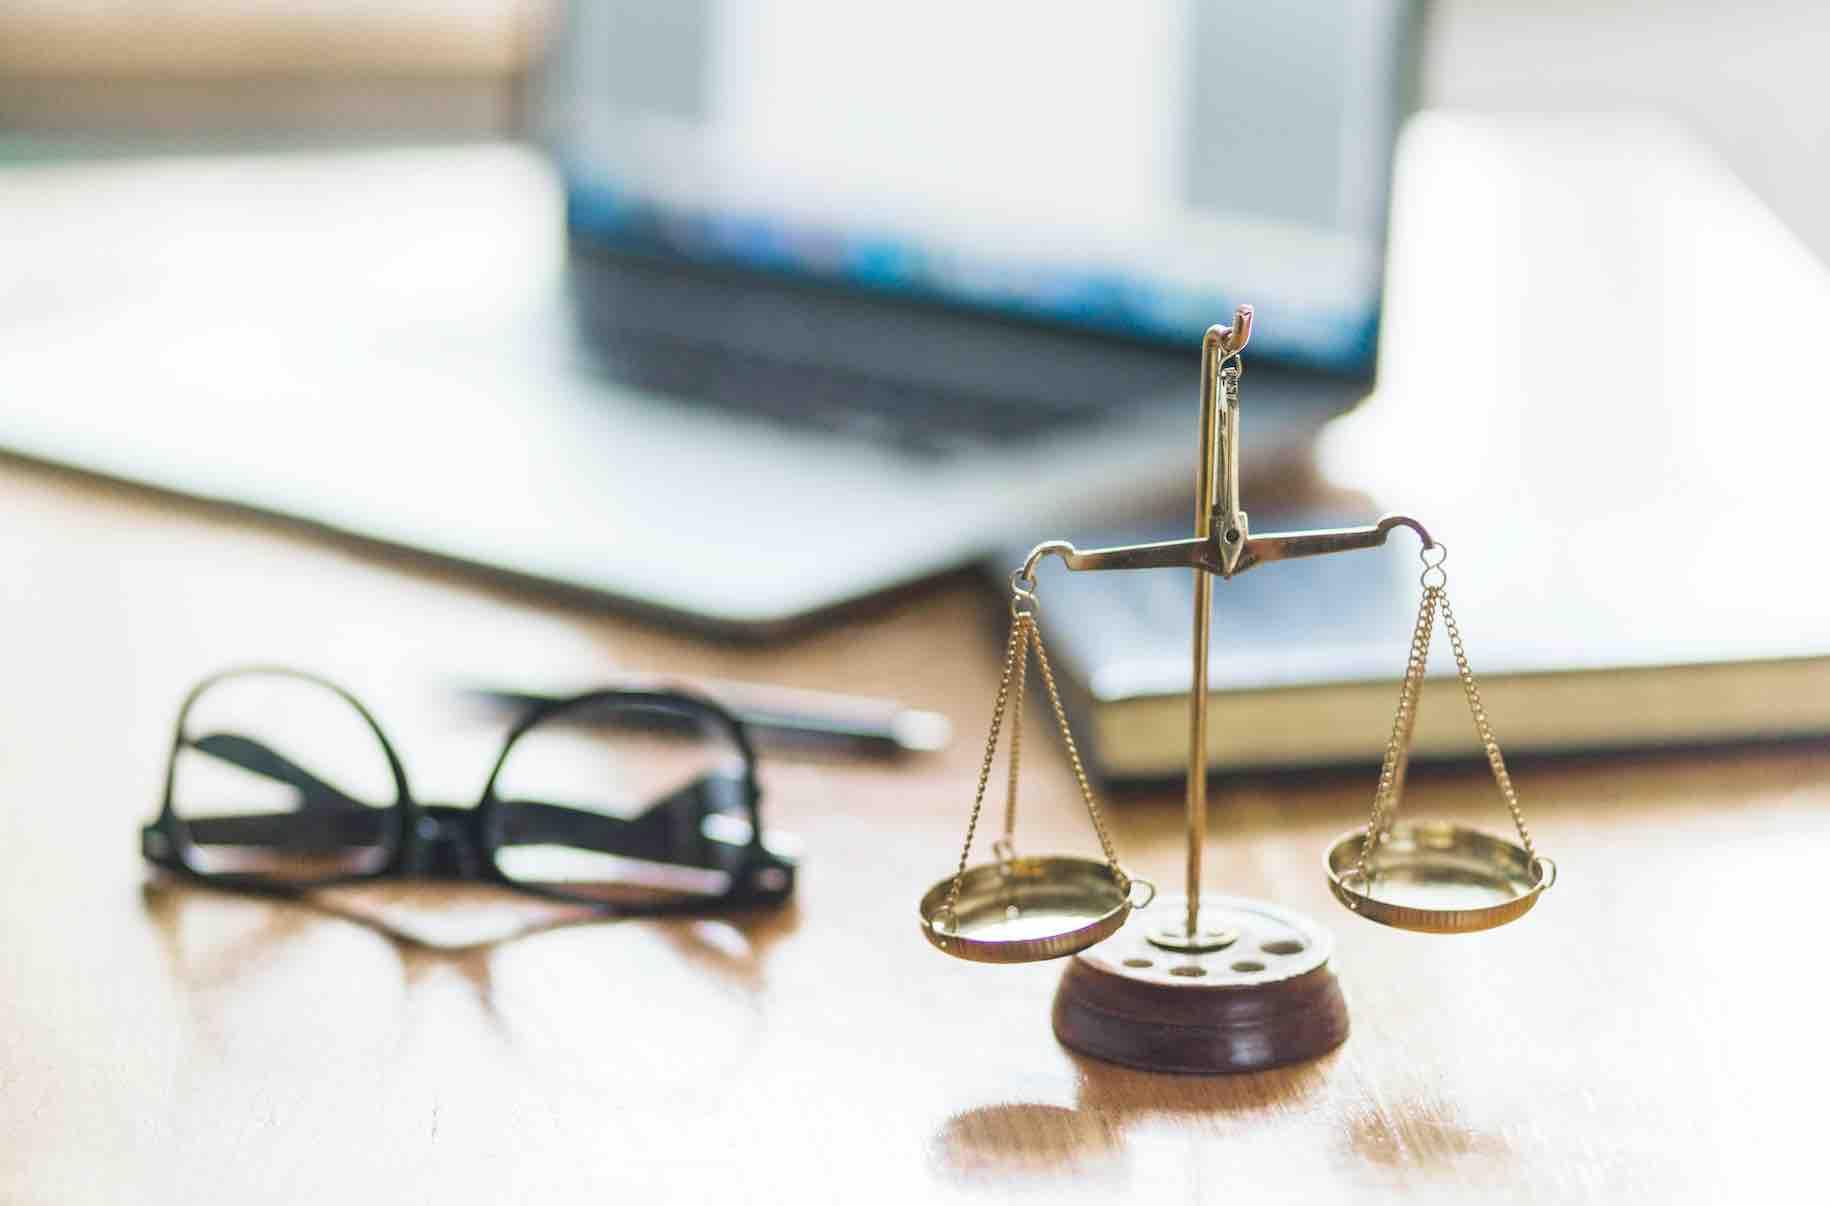 İstanbul İcra Avukatı ve İcra Hukuku Avukatlık Hizmetleri